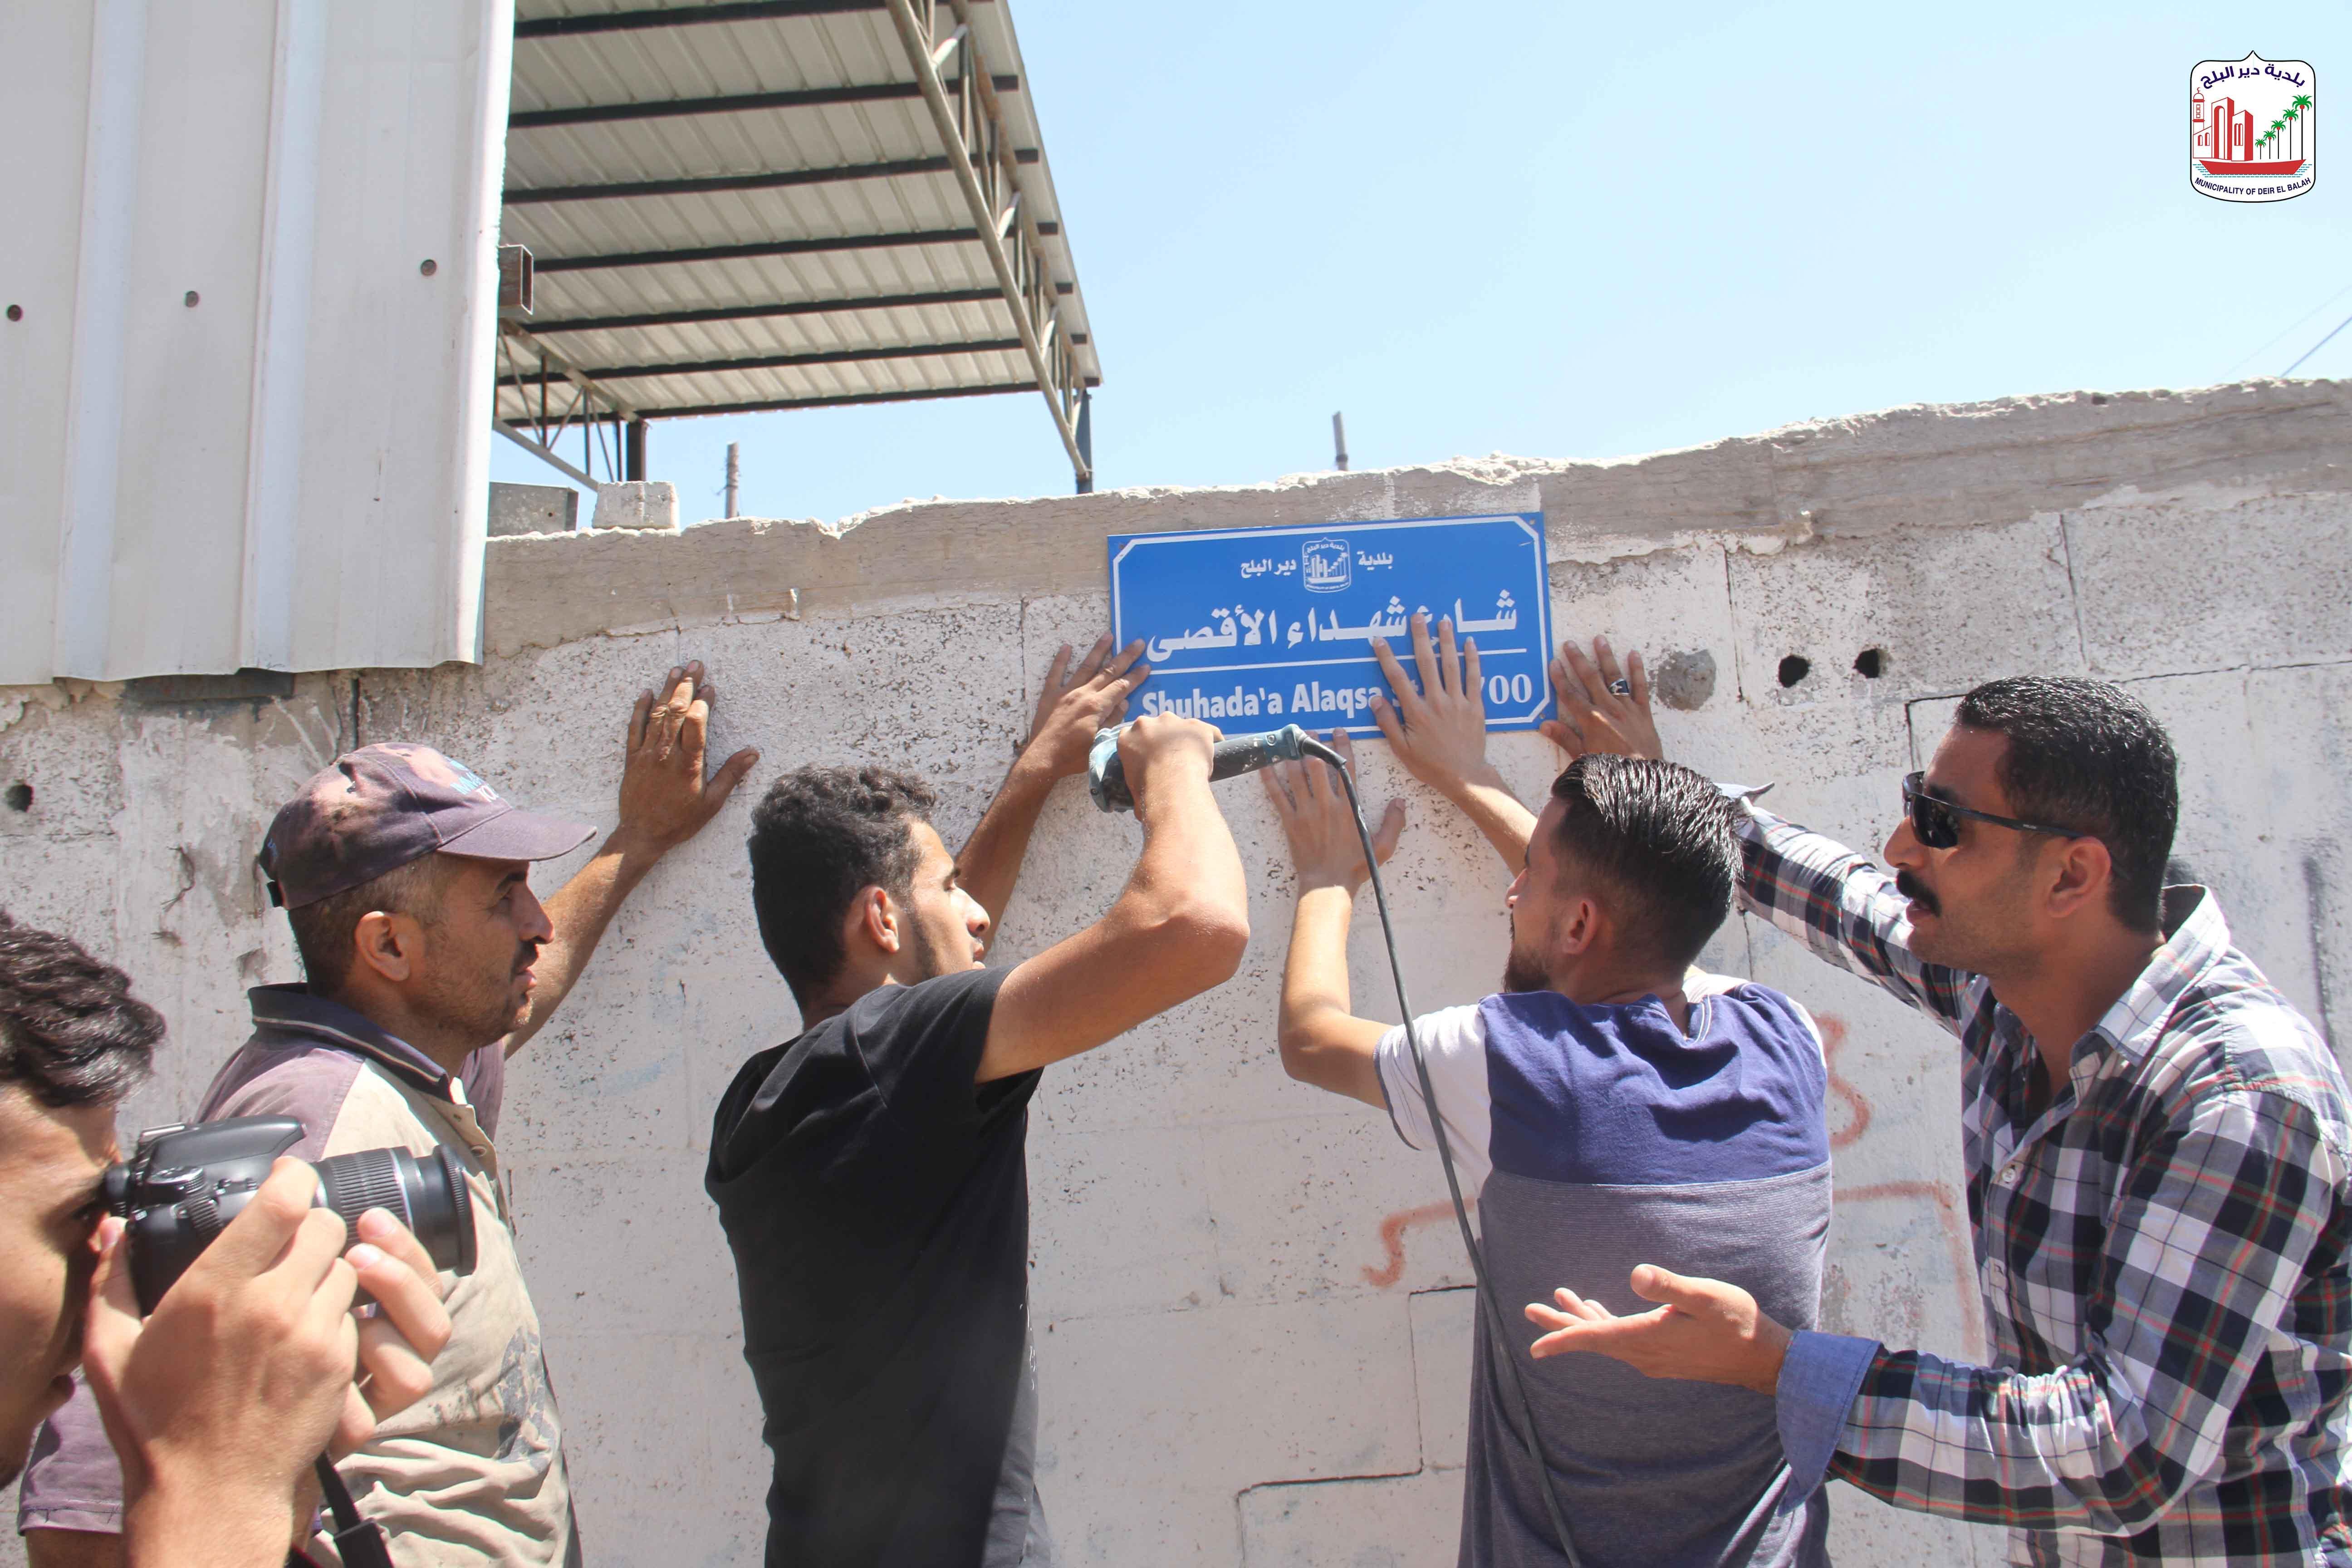 البلدية تقوم بتعليق يافطات بأسماء الشوارع